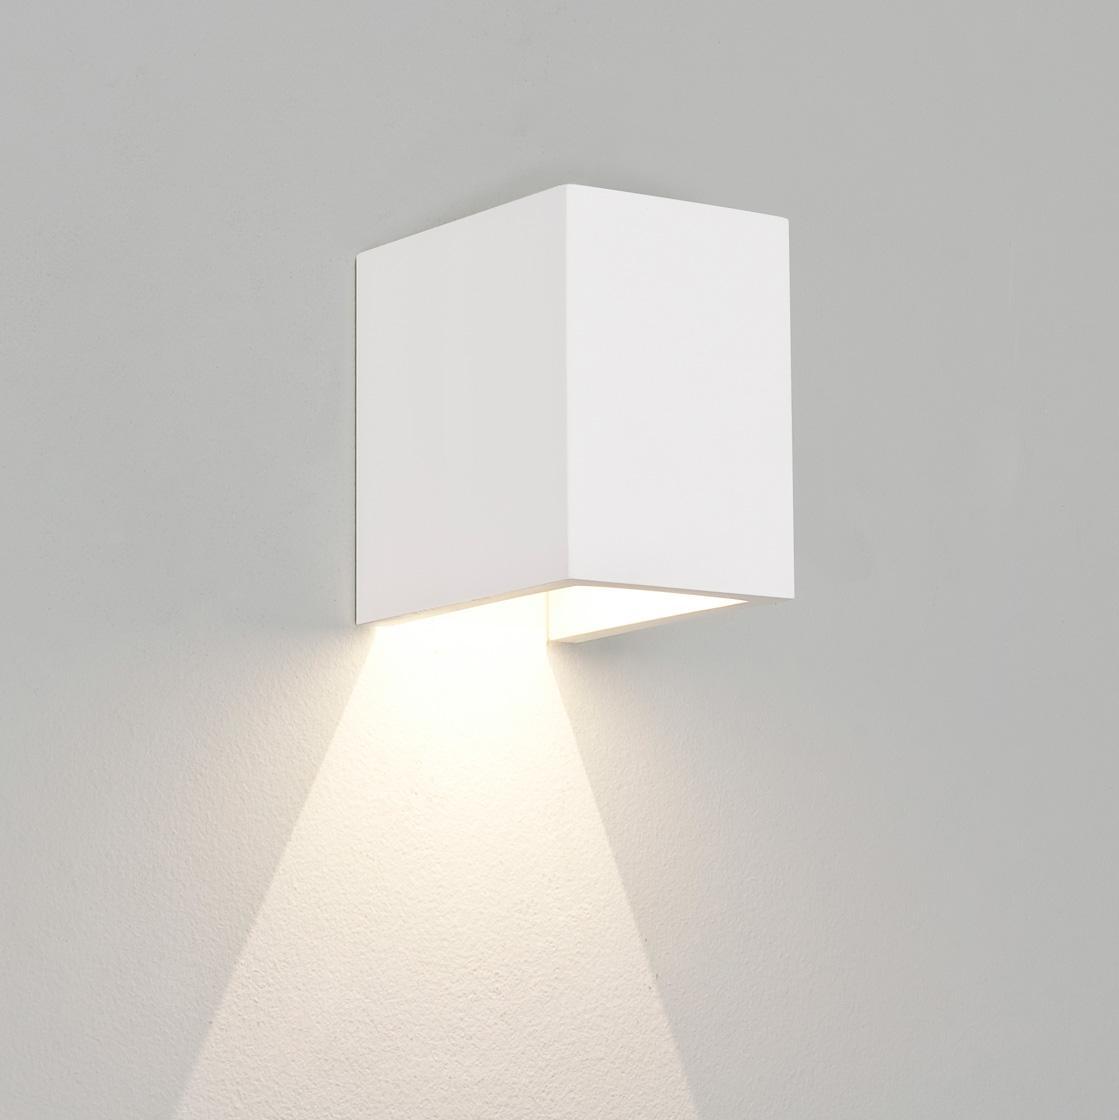 PARMA 100 LED applique in gesso